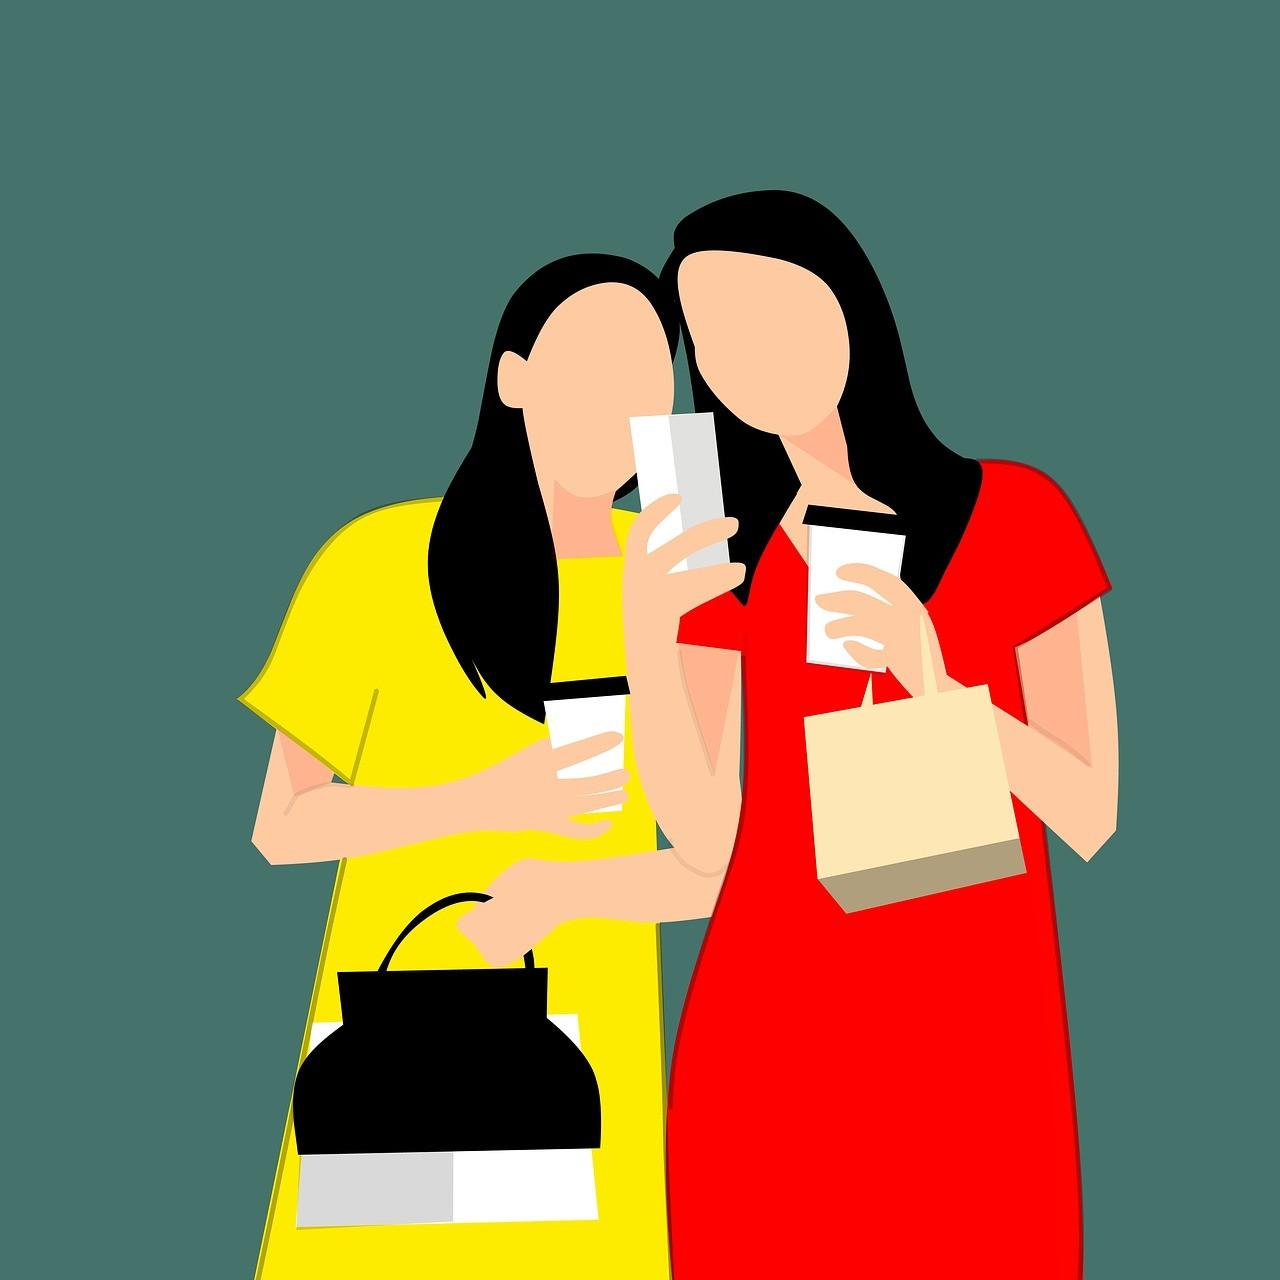 http://onpin.xyz/wp-content/uploads/2020/12/women-3452067_1280-2.jpg